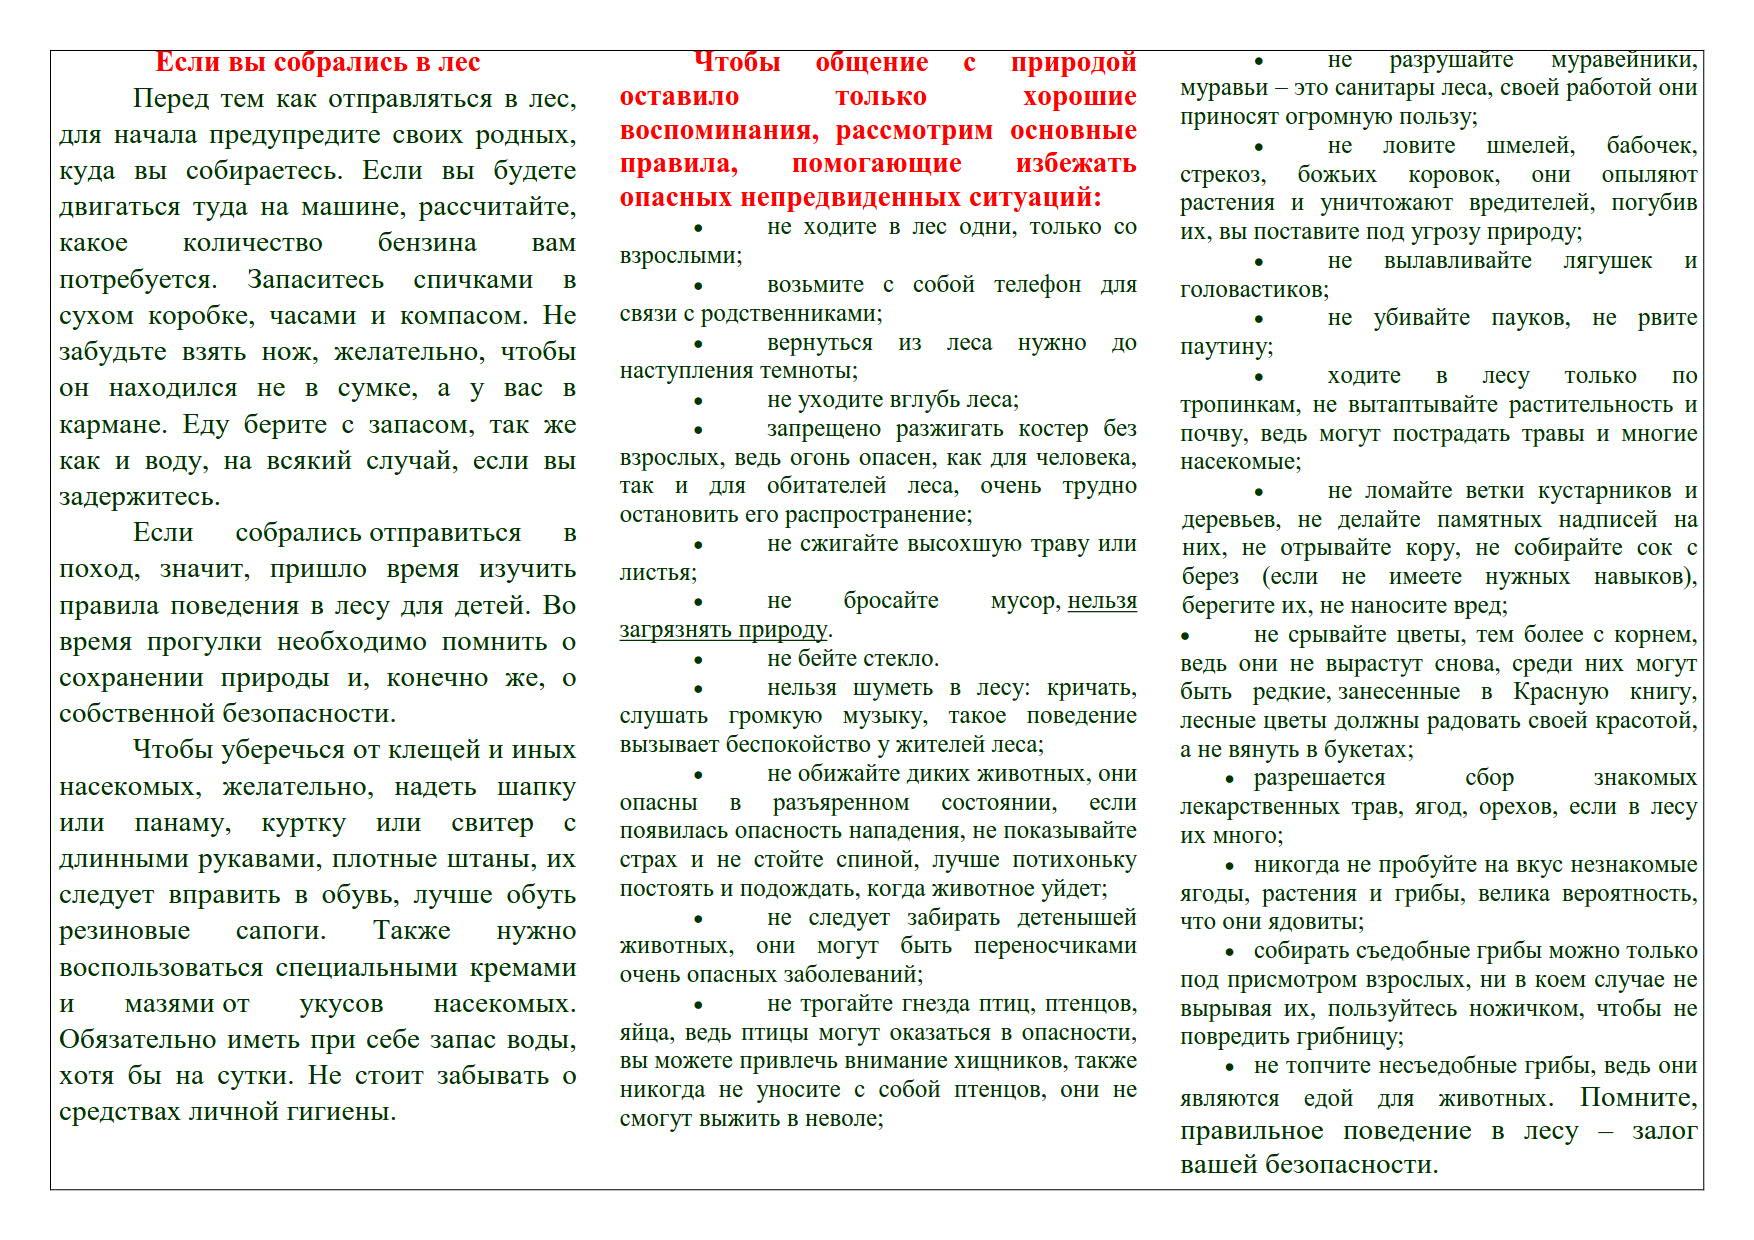 Буклет_правила_поведение_в_лесу_1